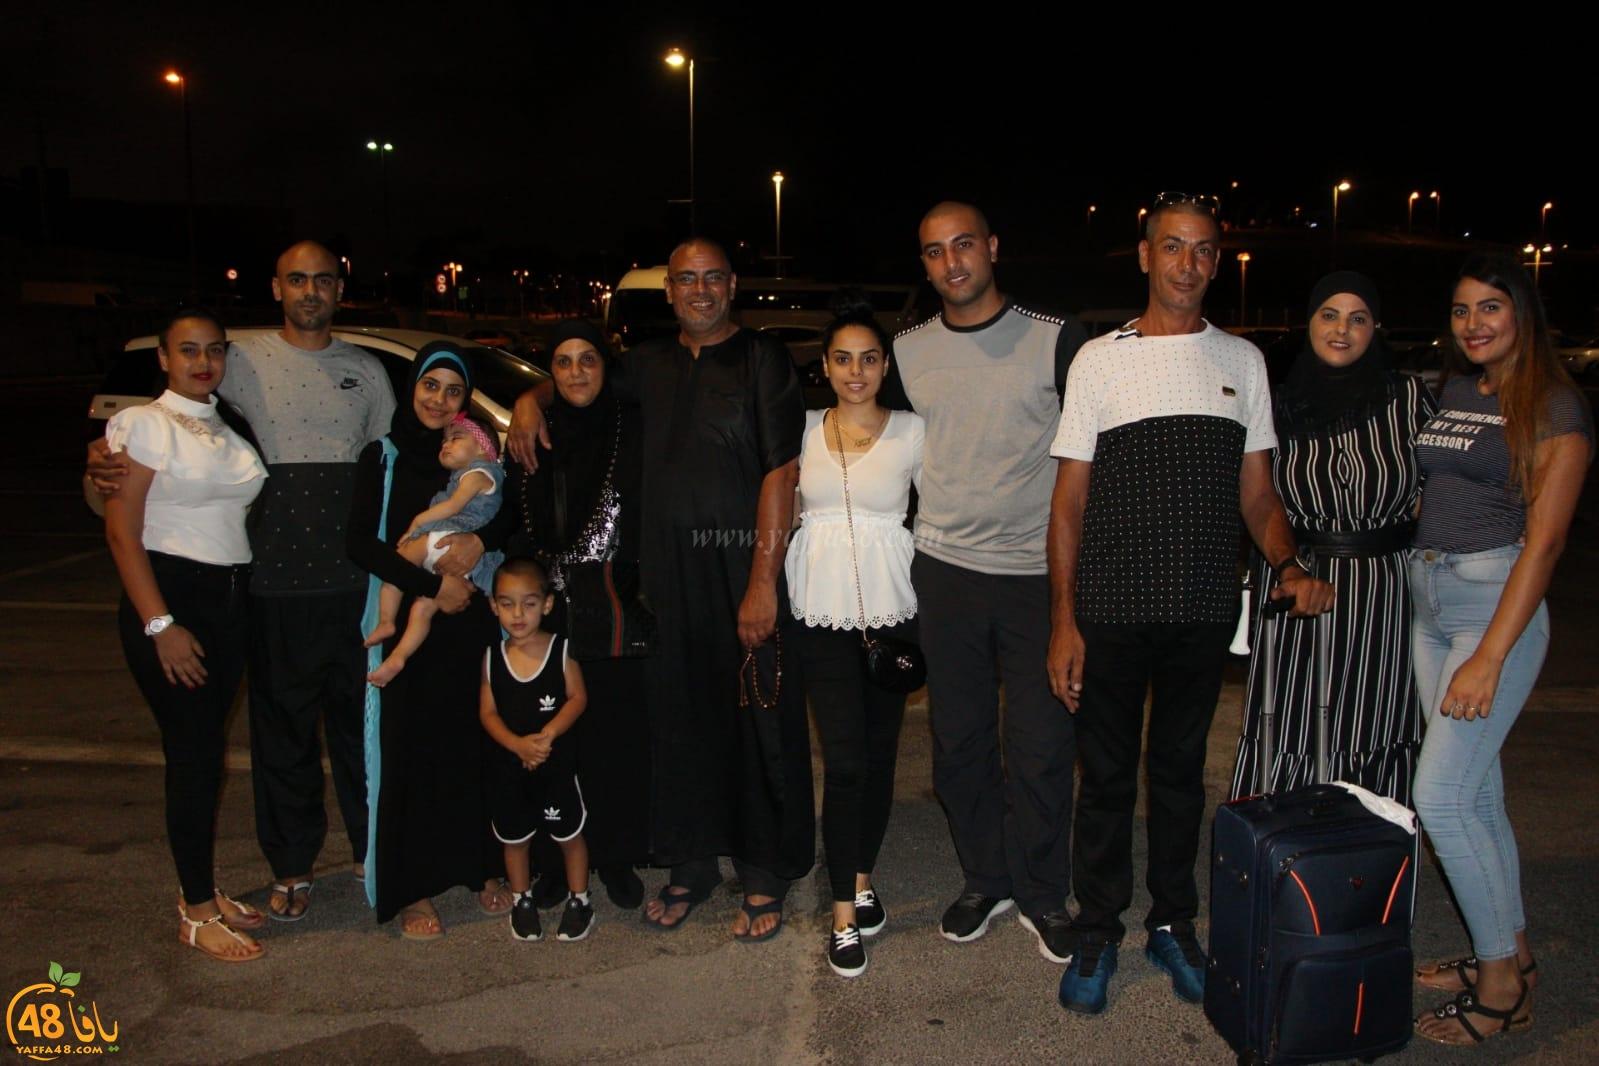 بالصور: انطلاق حافلة الفوج الثاني من حجاج مدينة يافا الى الديار الحجازية